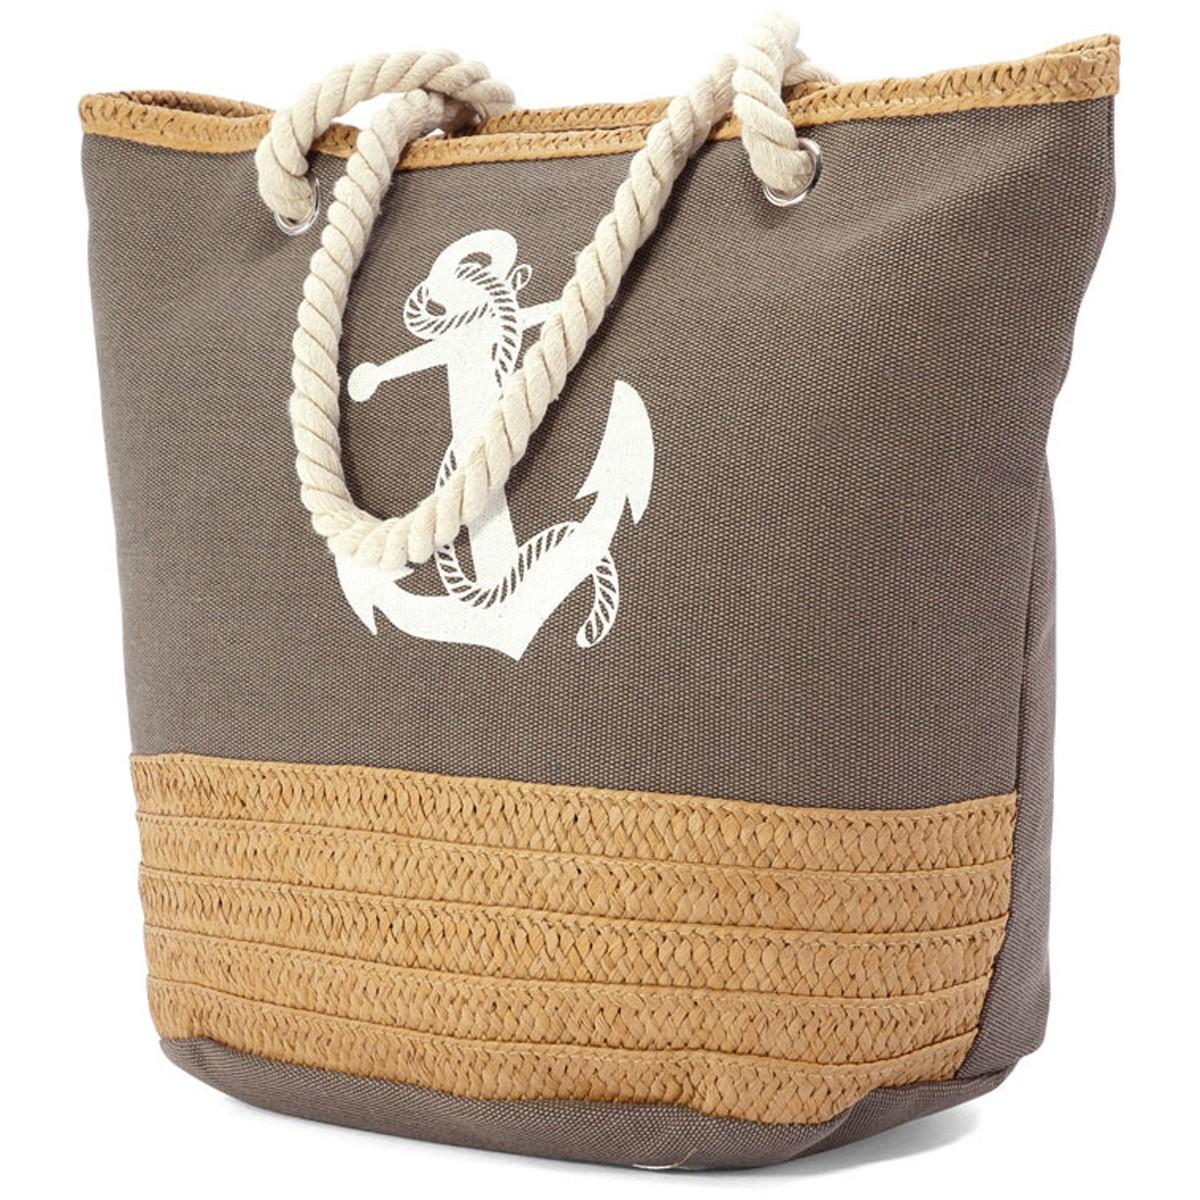 Τσάντα Παραλίας Benzi 4773 Grey home   θαλάσσης   τσάντες παραλίας